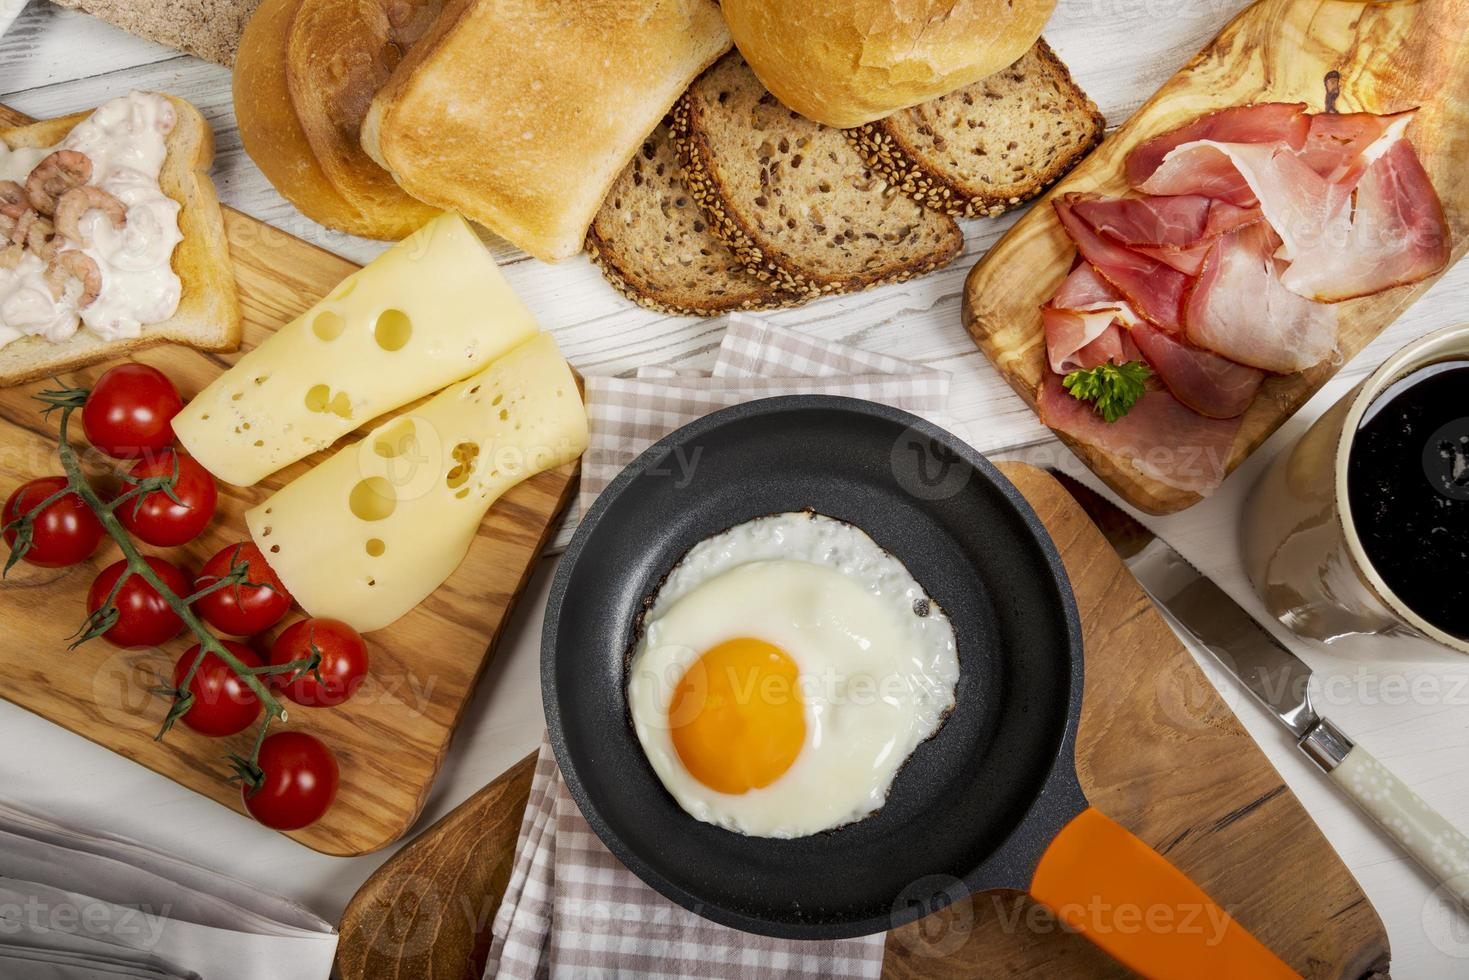 œuf au plat dans la poêle, fromage, jambon, pain et brioches photo